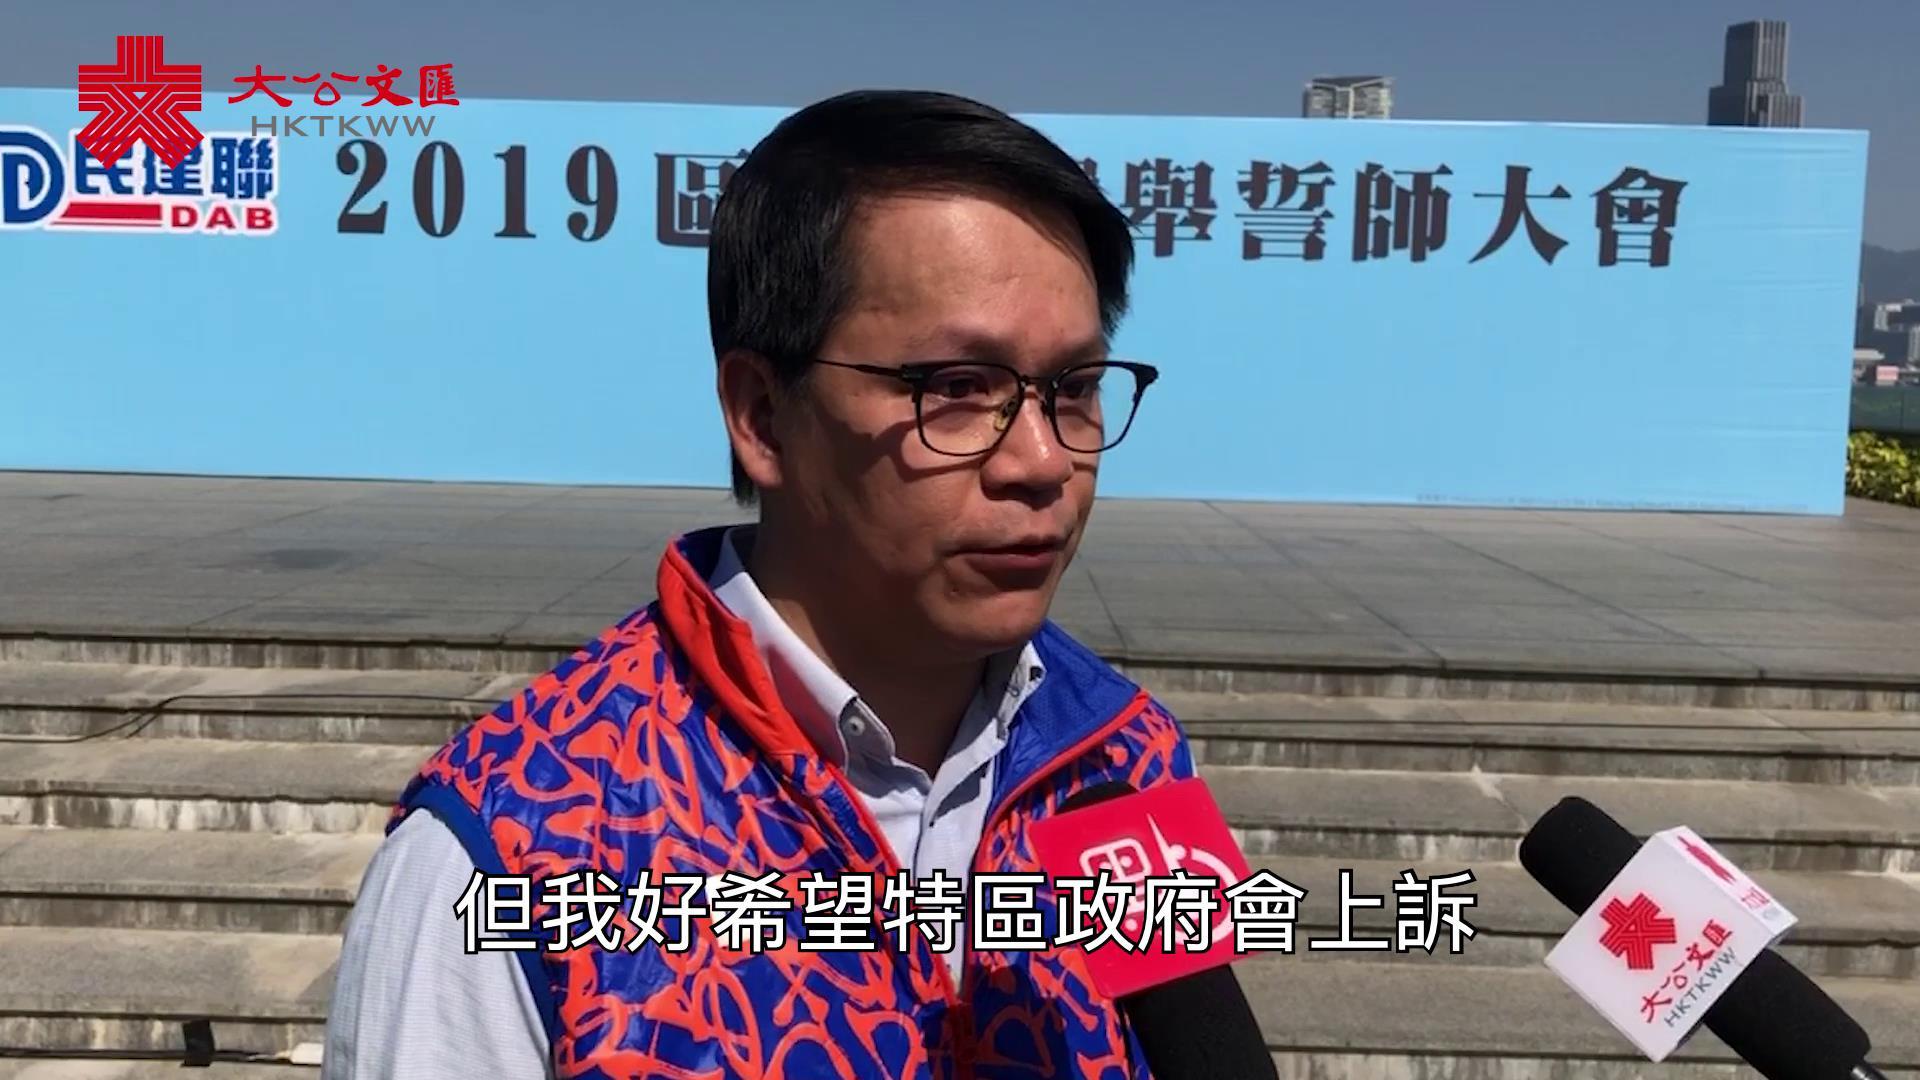 建制派¡G邪不勝正乃天道 冀香港市民一票踢走暴力